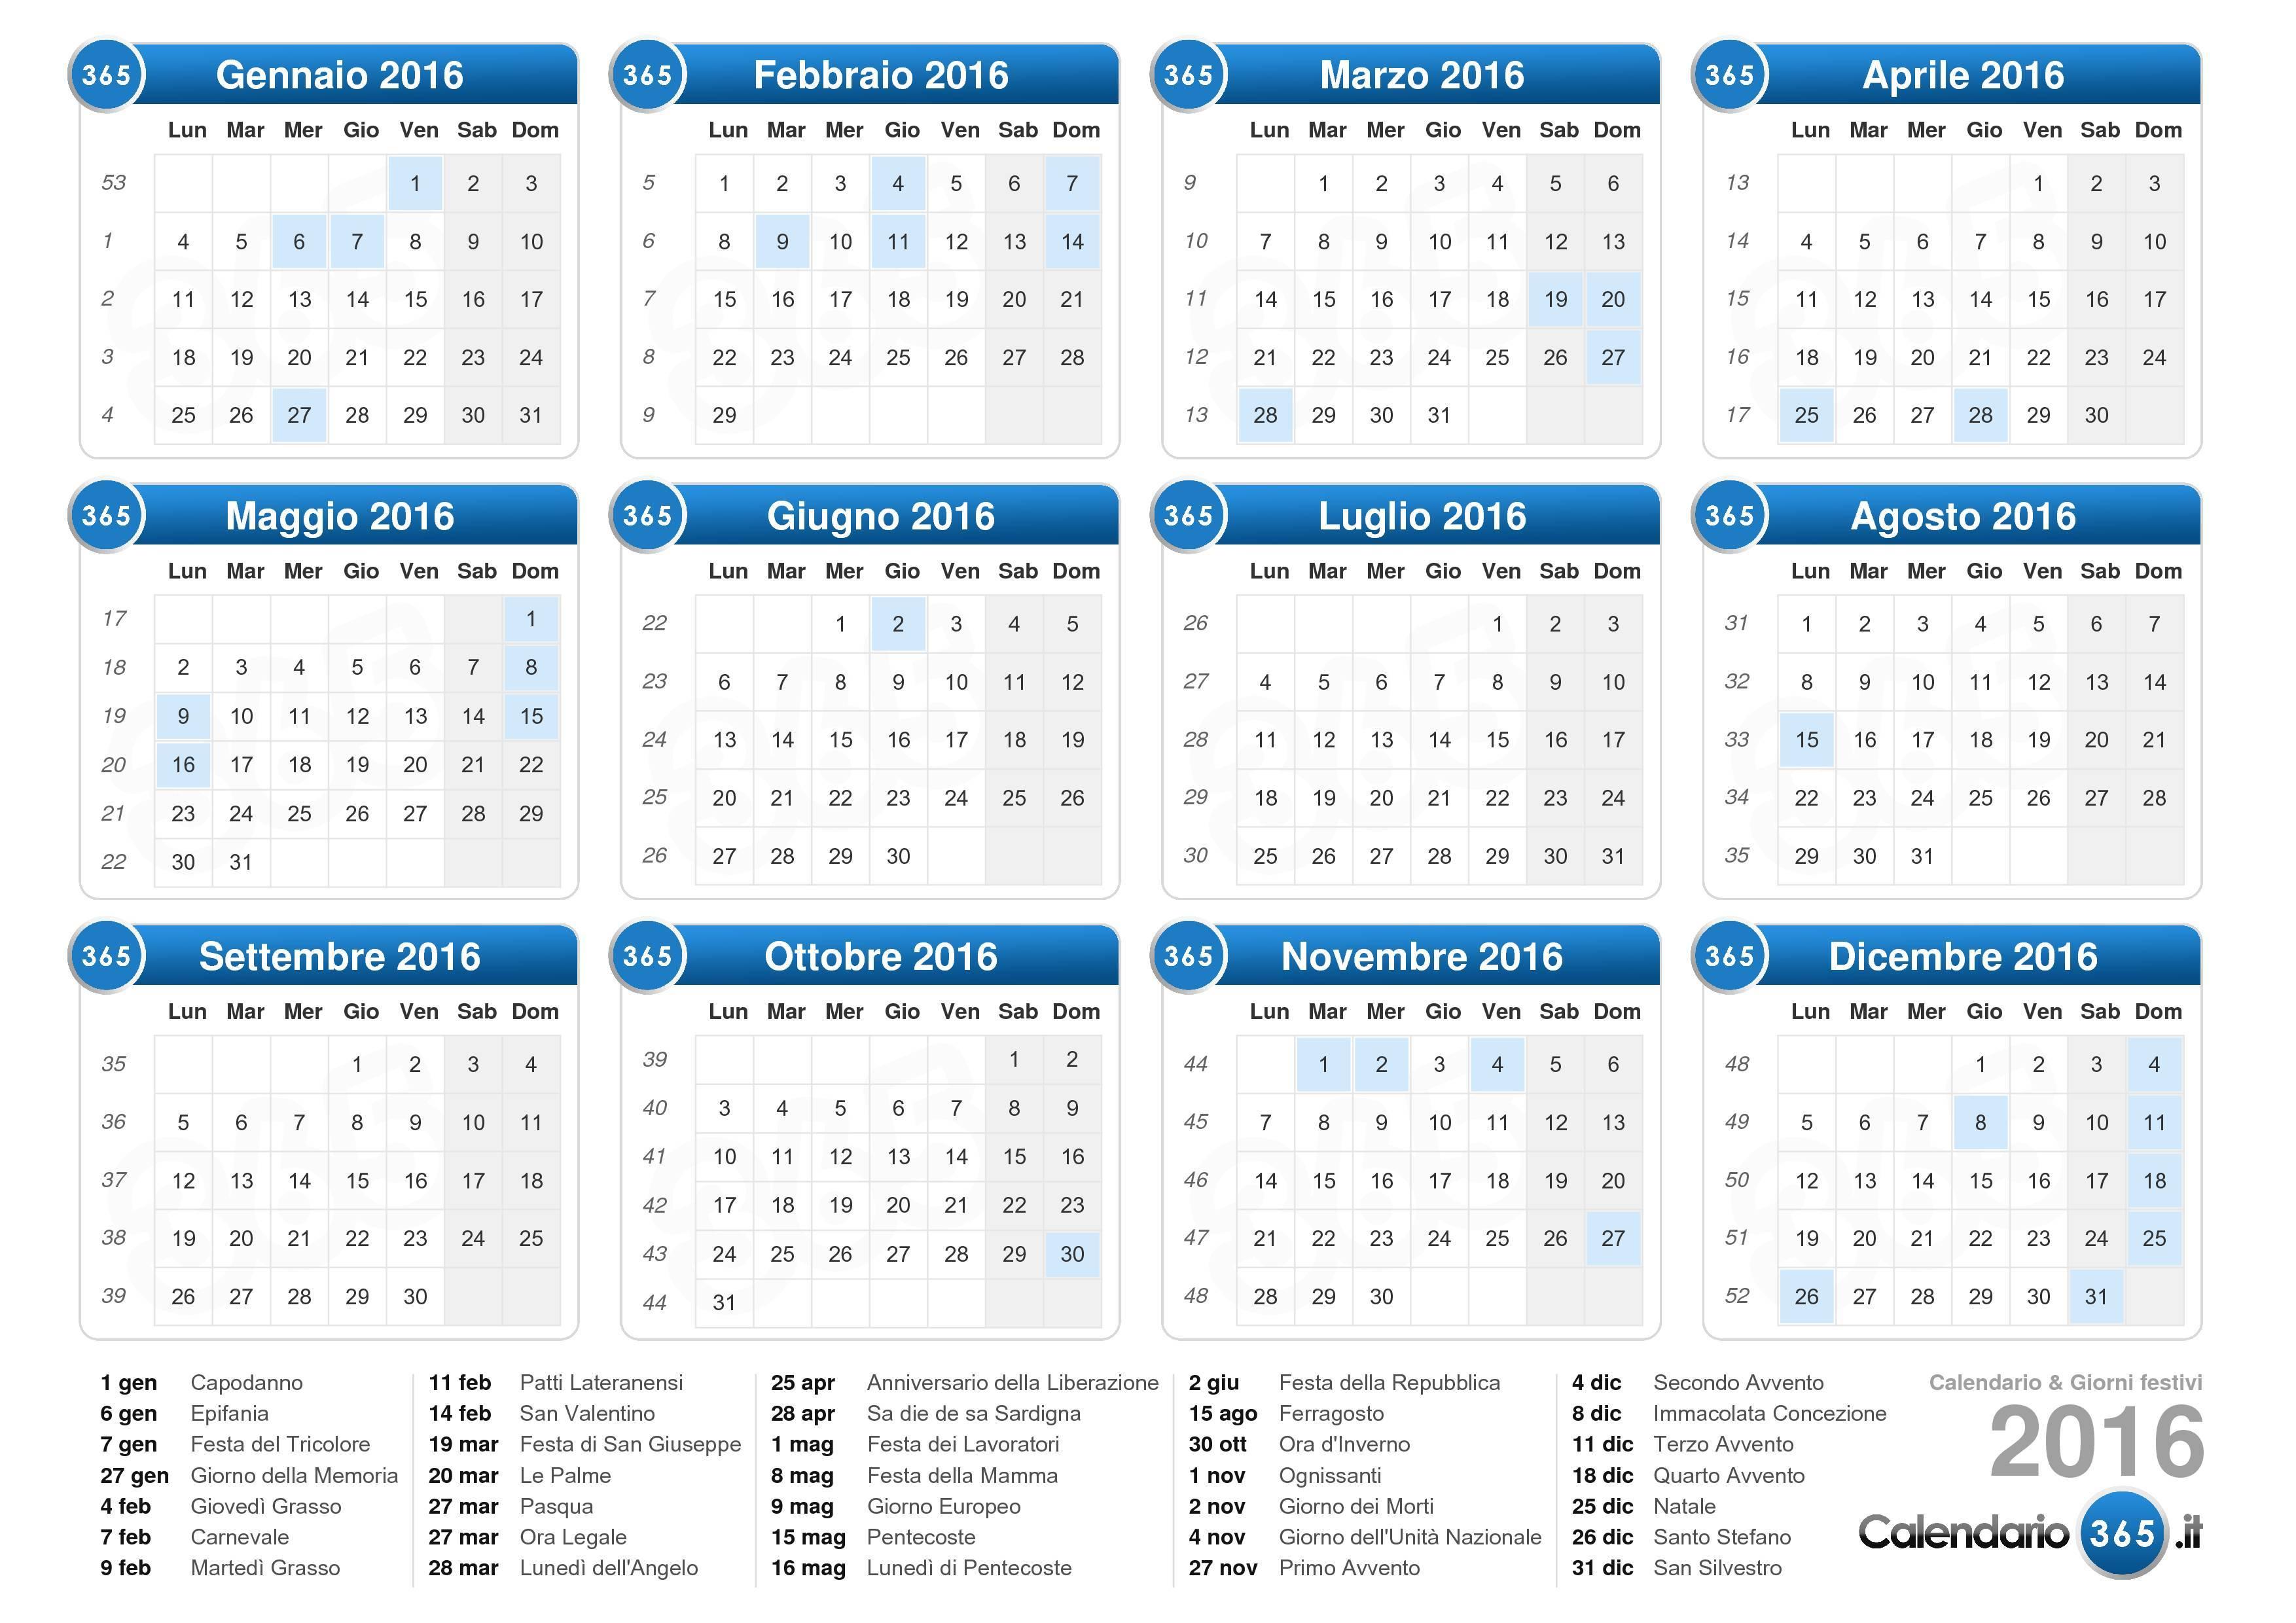 ... calendario 2016 450 x 329 jpeg 32kb calendario gratis 2016 904 x 1122